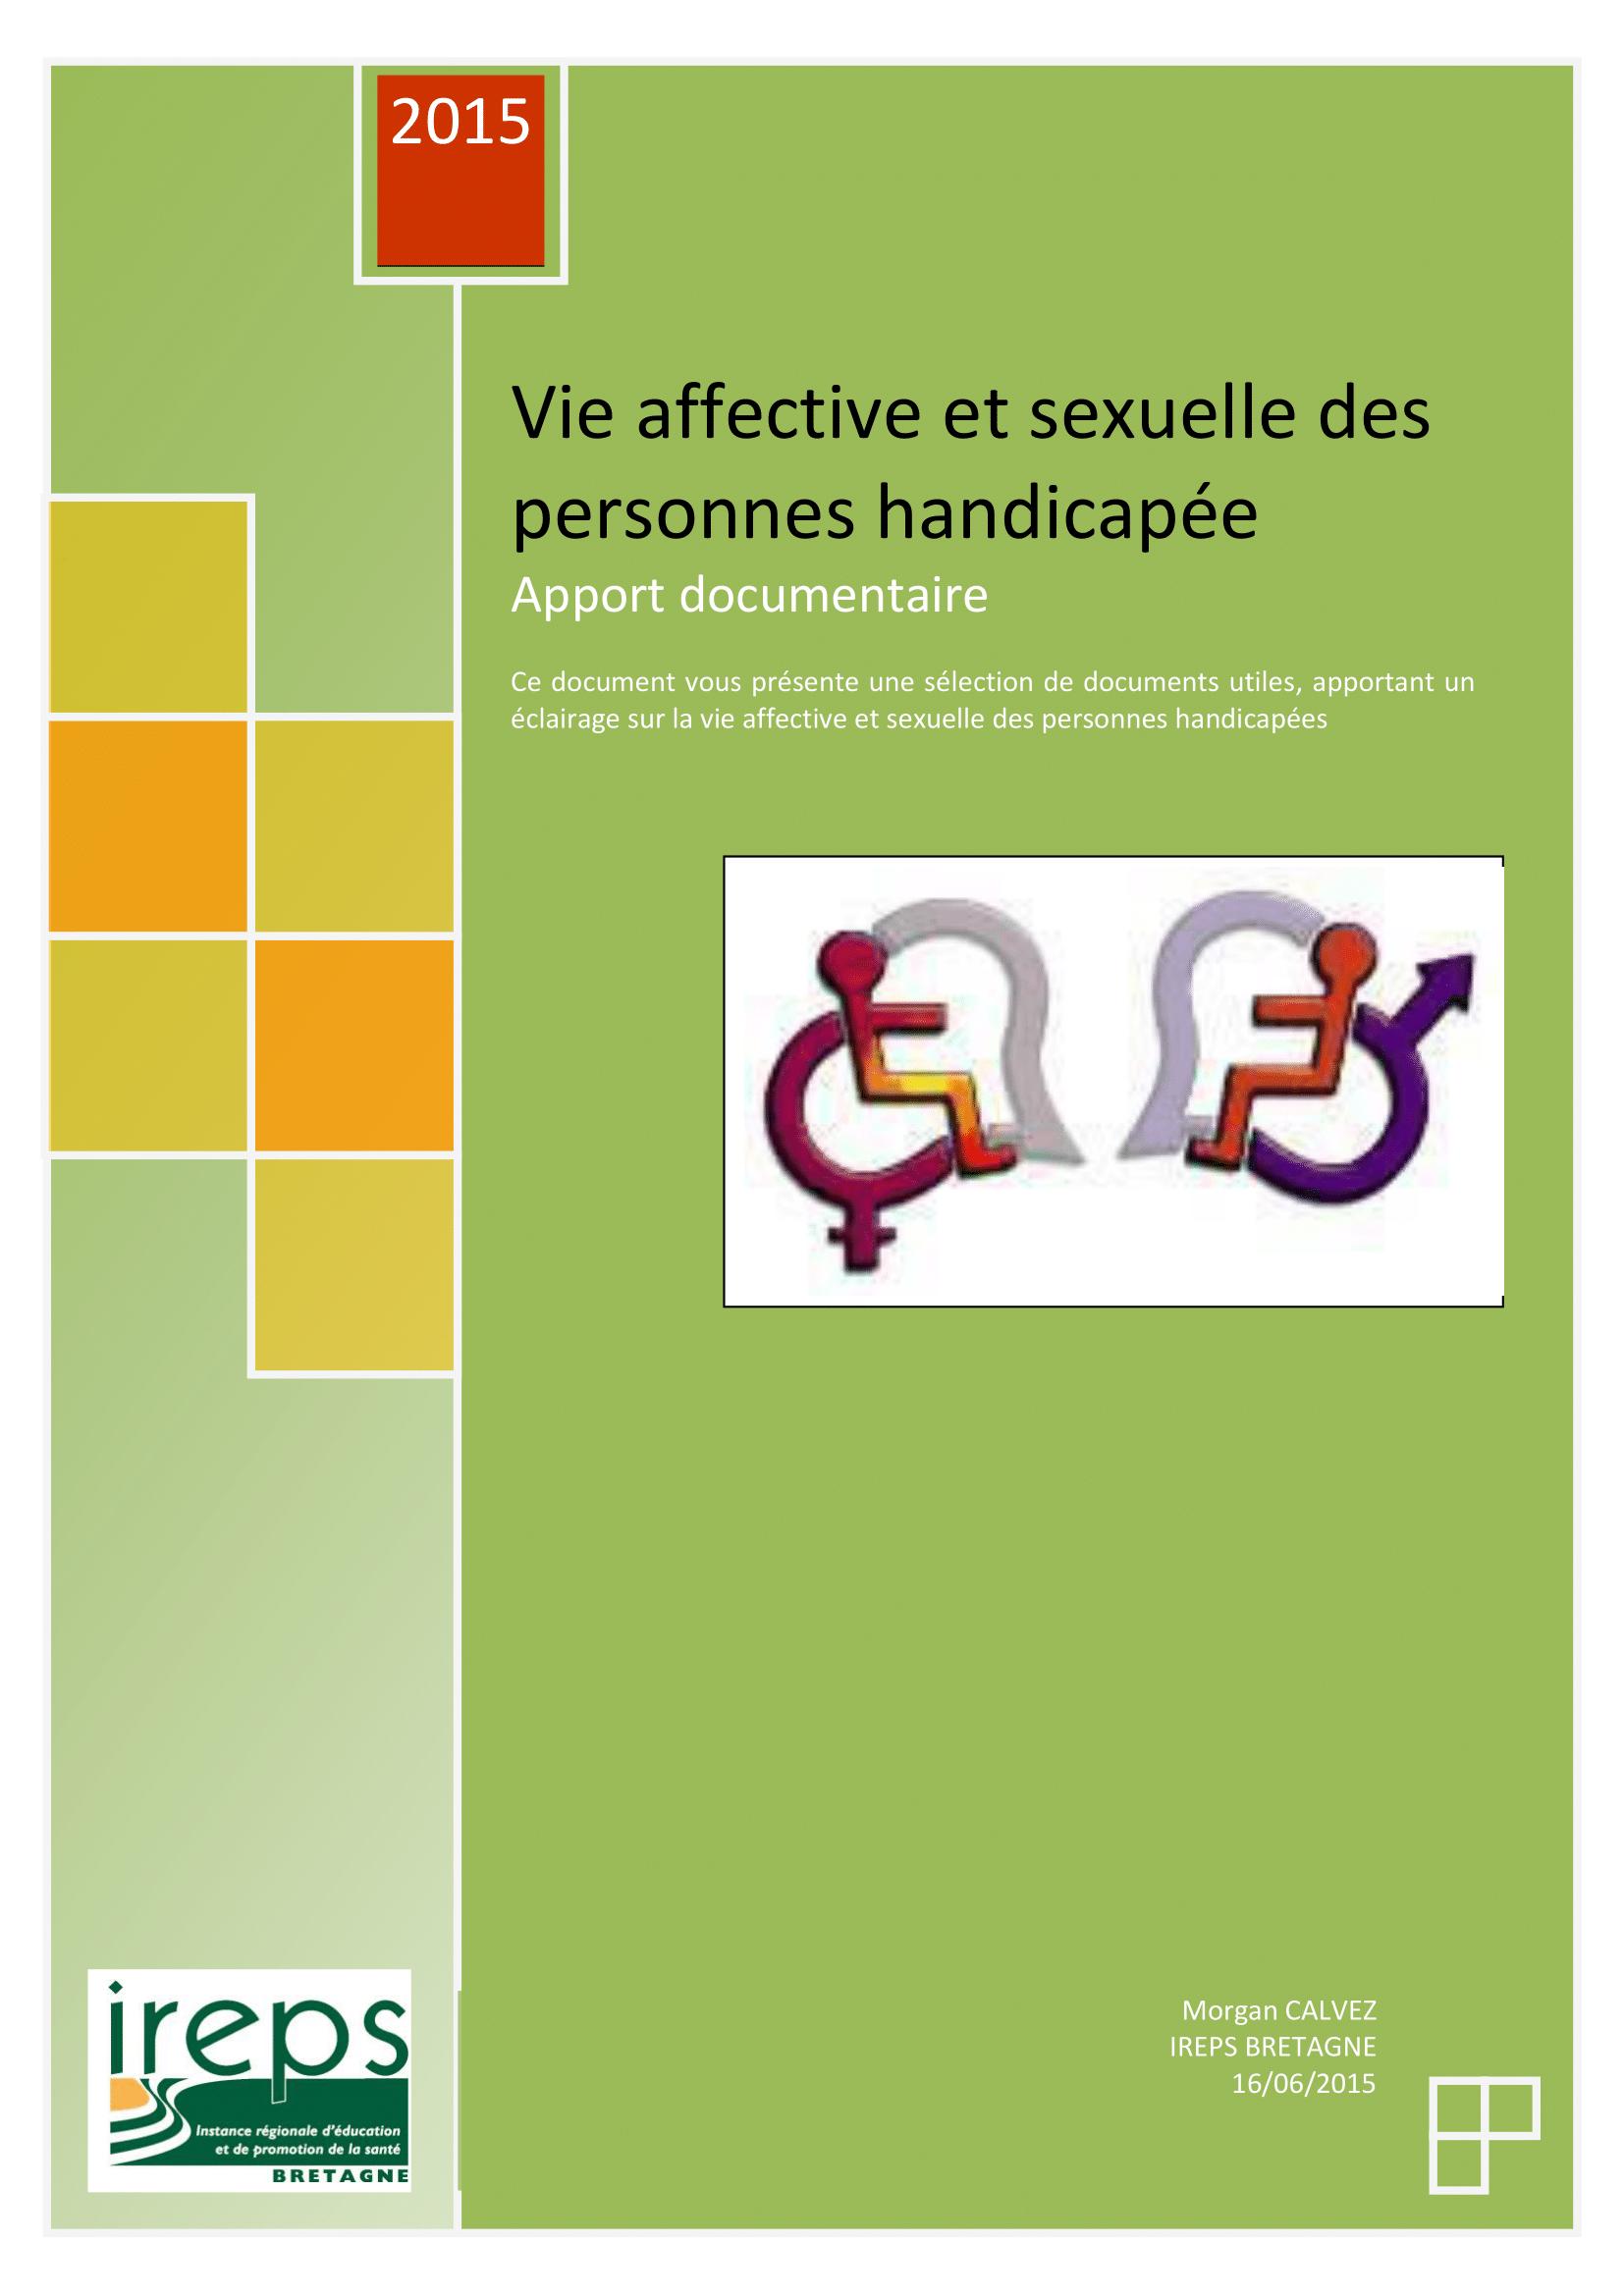 Vie affective et sexuelle des personnes handicapées : Apport documentaire